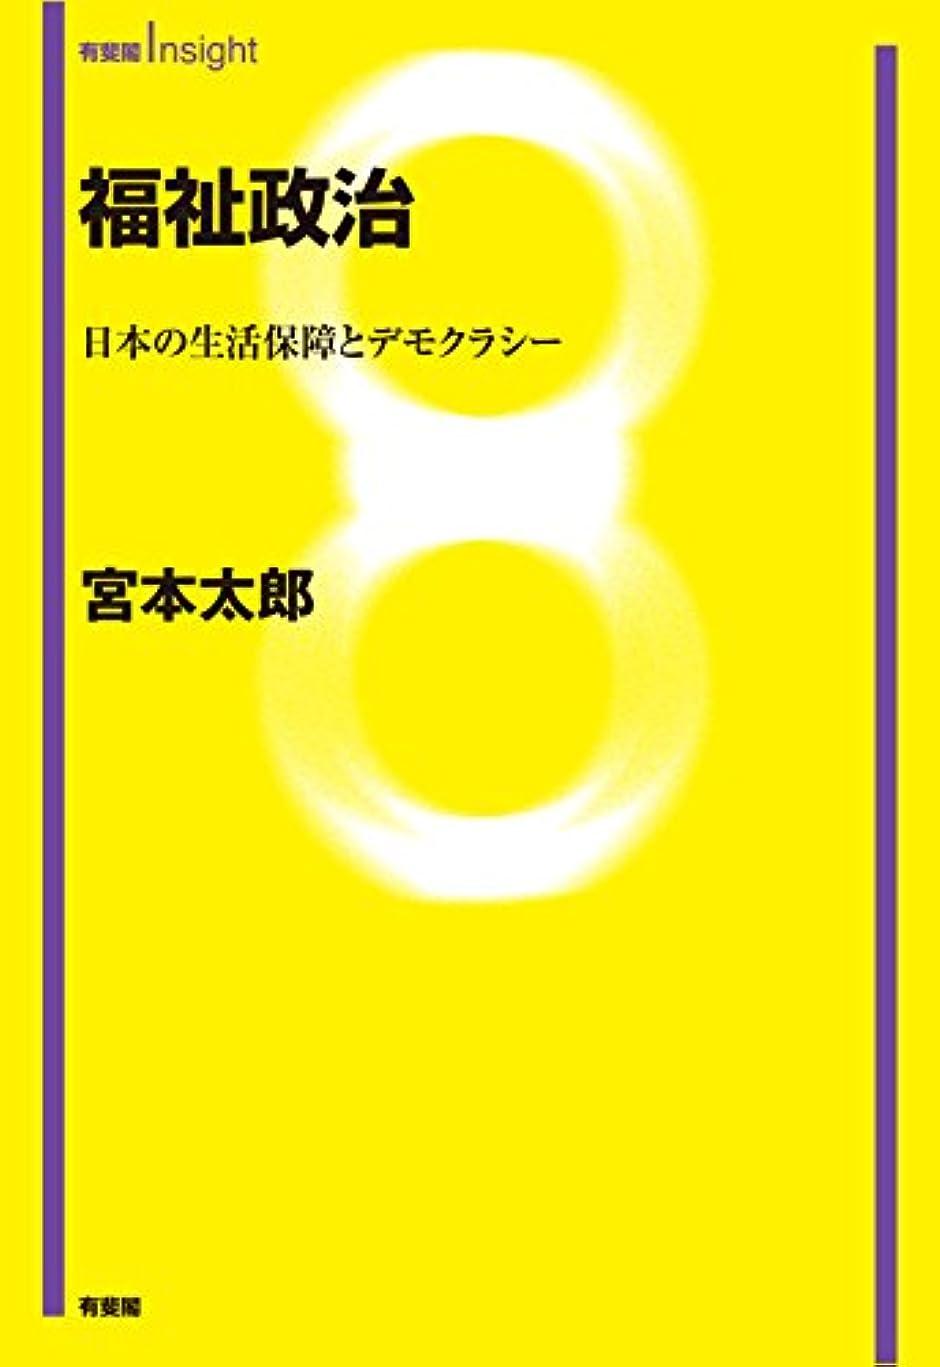 わざわざバングクルー福祉政治:日本の生活保障とデモクラシー 有斐閣Insight